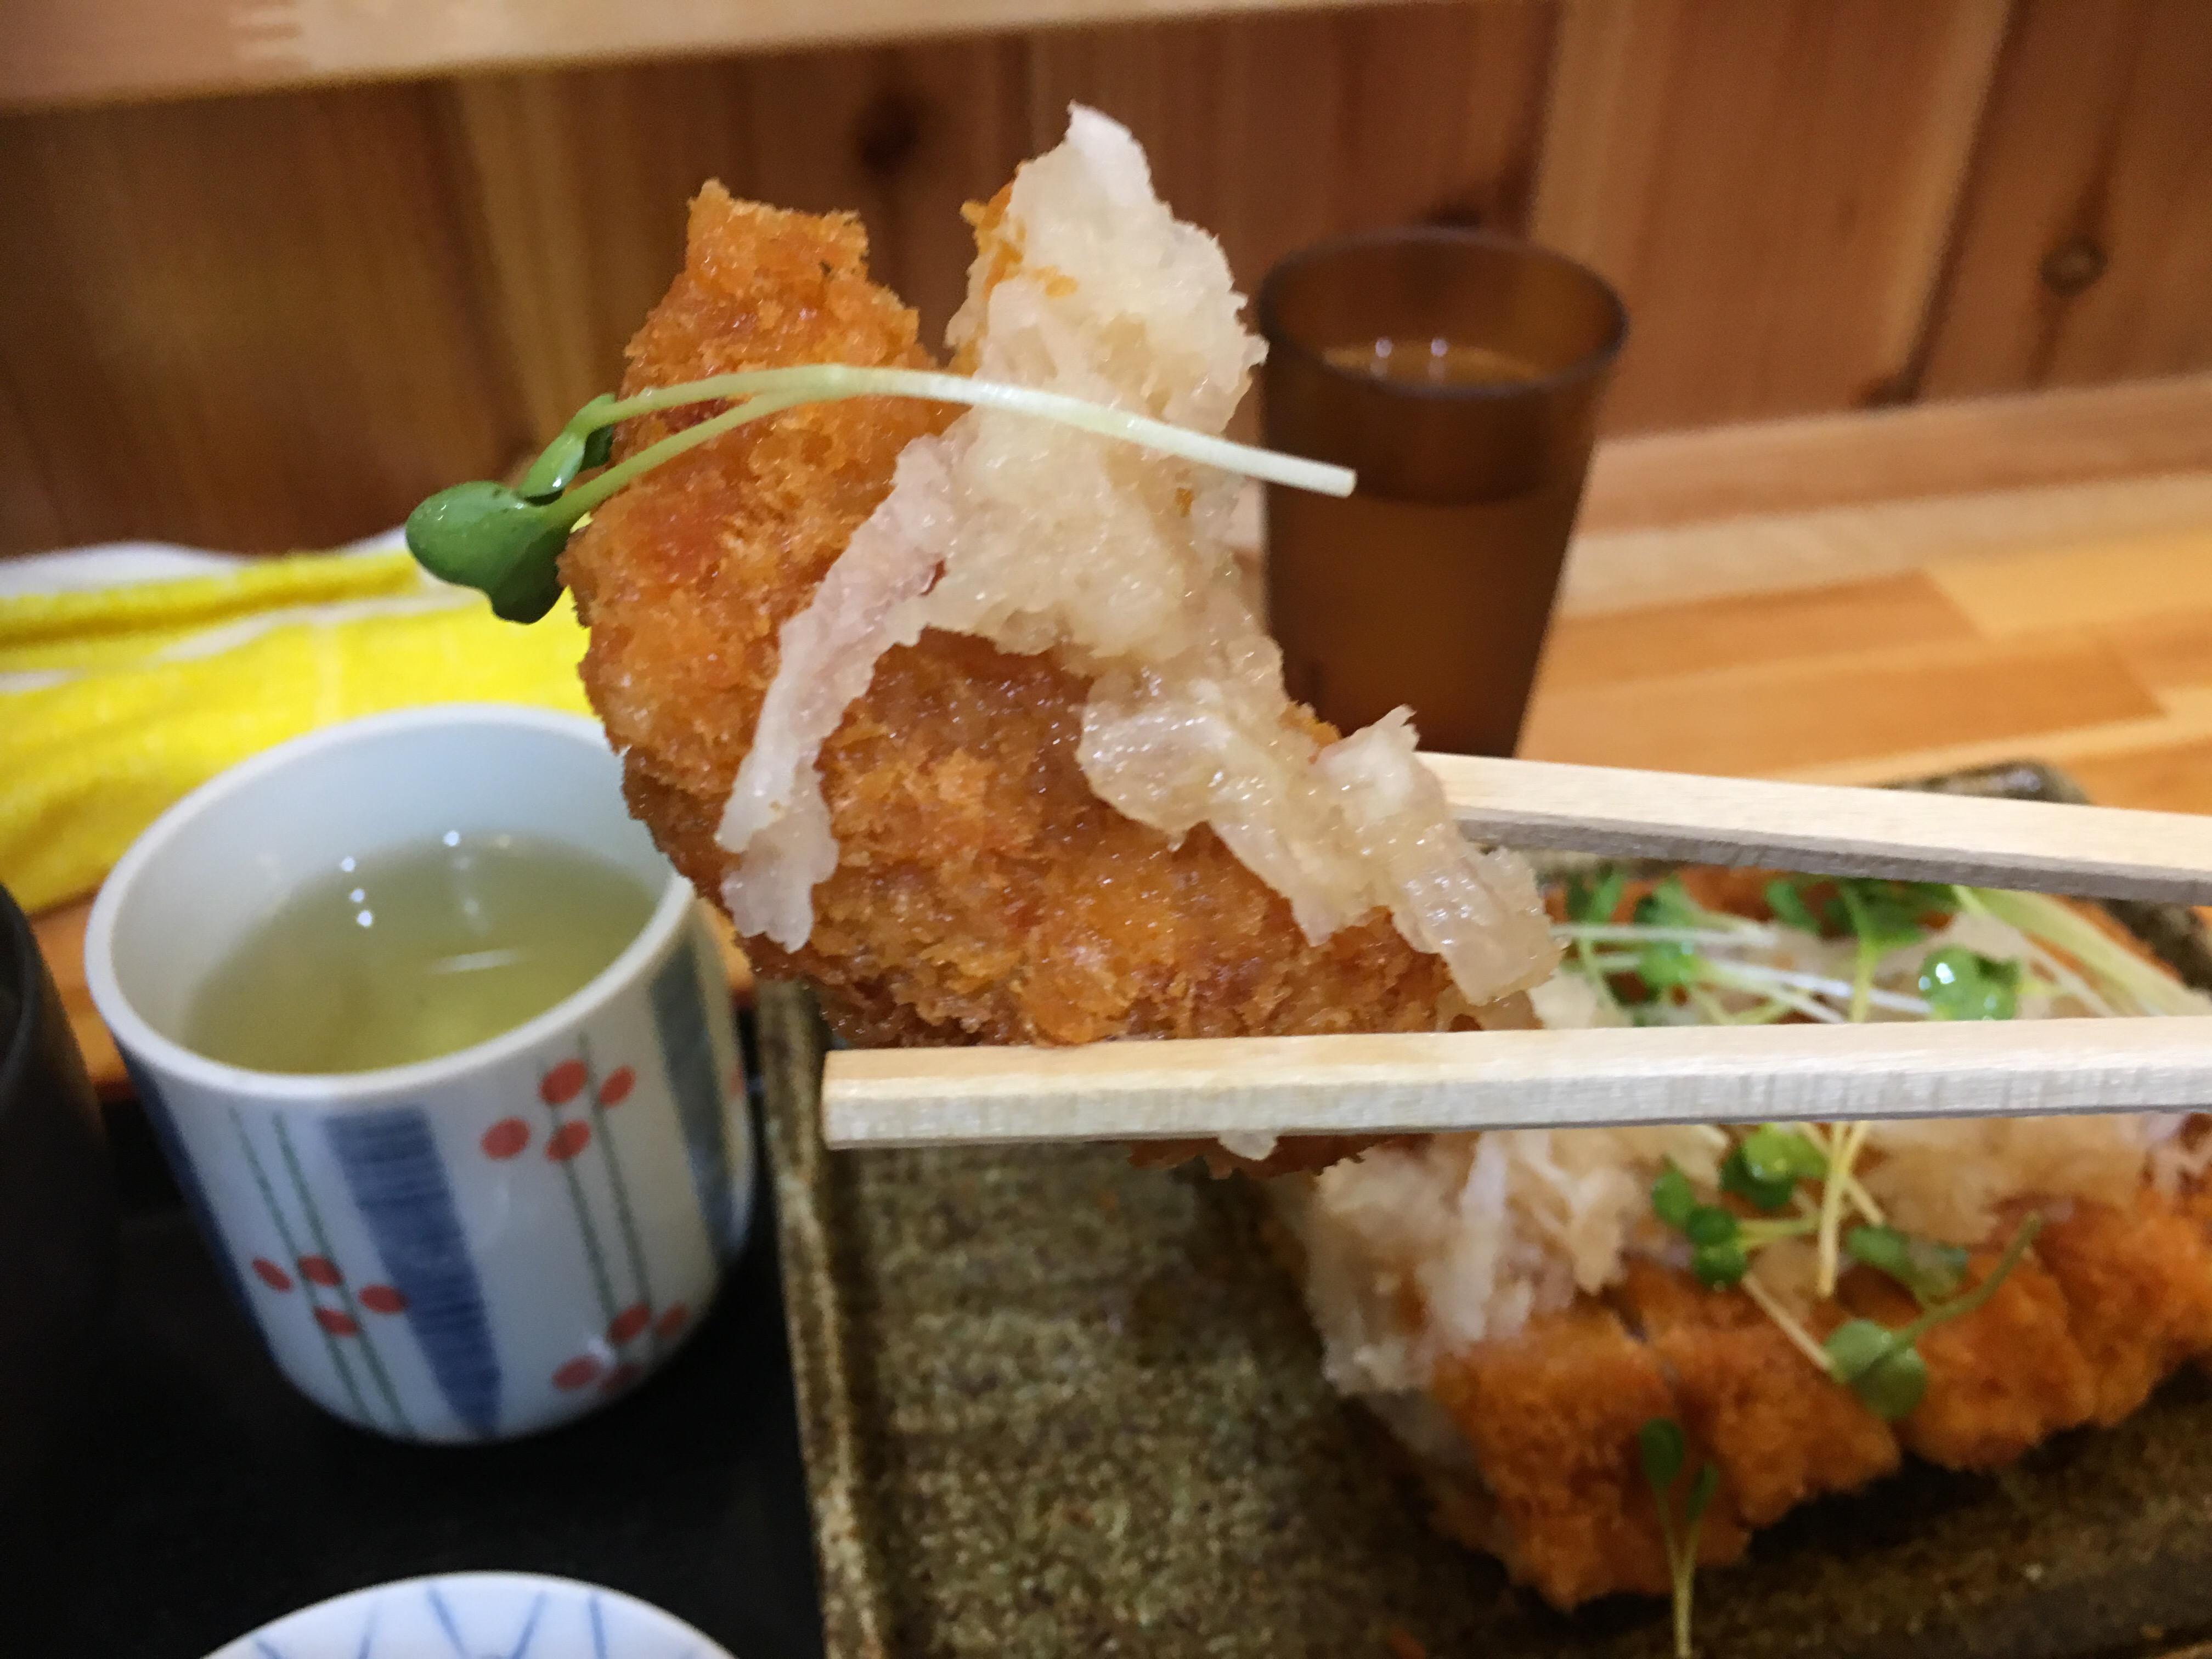 寿司屋なのに定食!?内子町にあるお食事処「木立」で「豚カツおろしポン酢定食」を食べてきました!